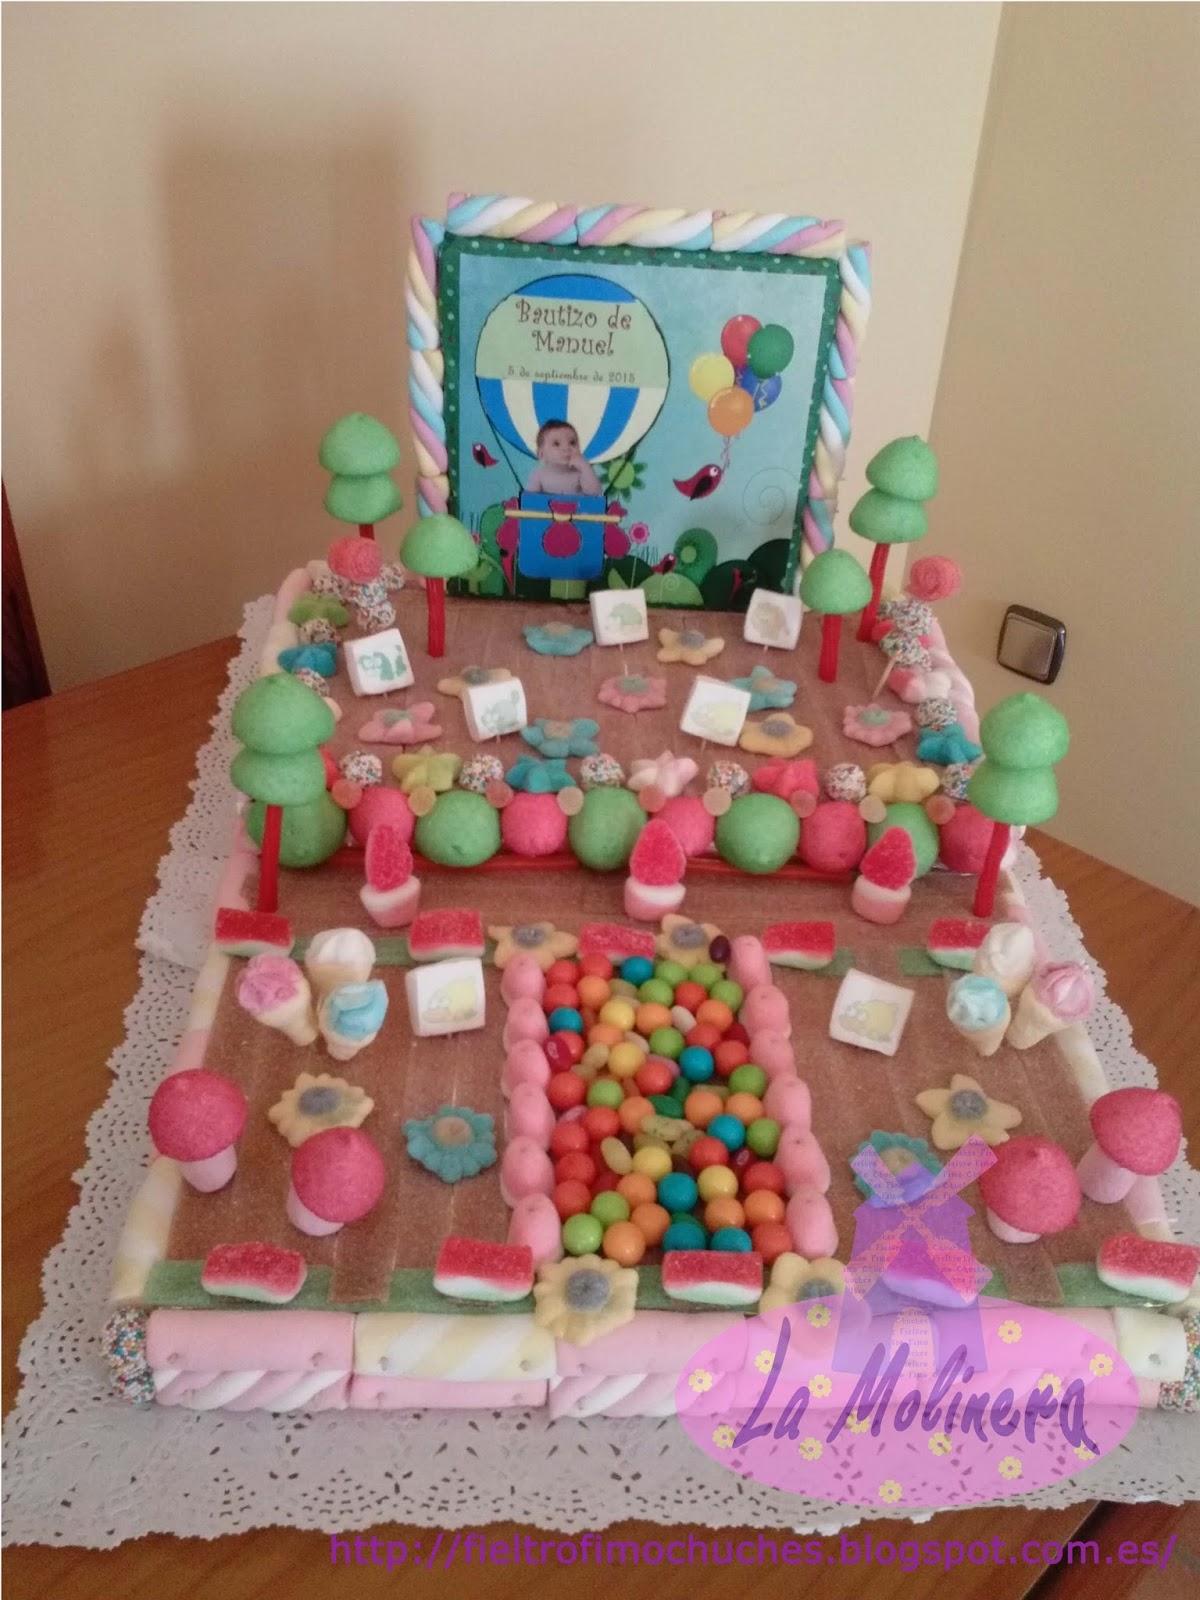 La molinera tarta de chuches para el bautizo de manuel - Chuches para bautizo ...